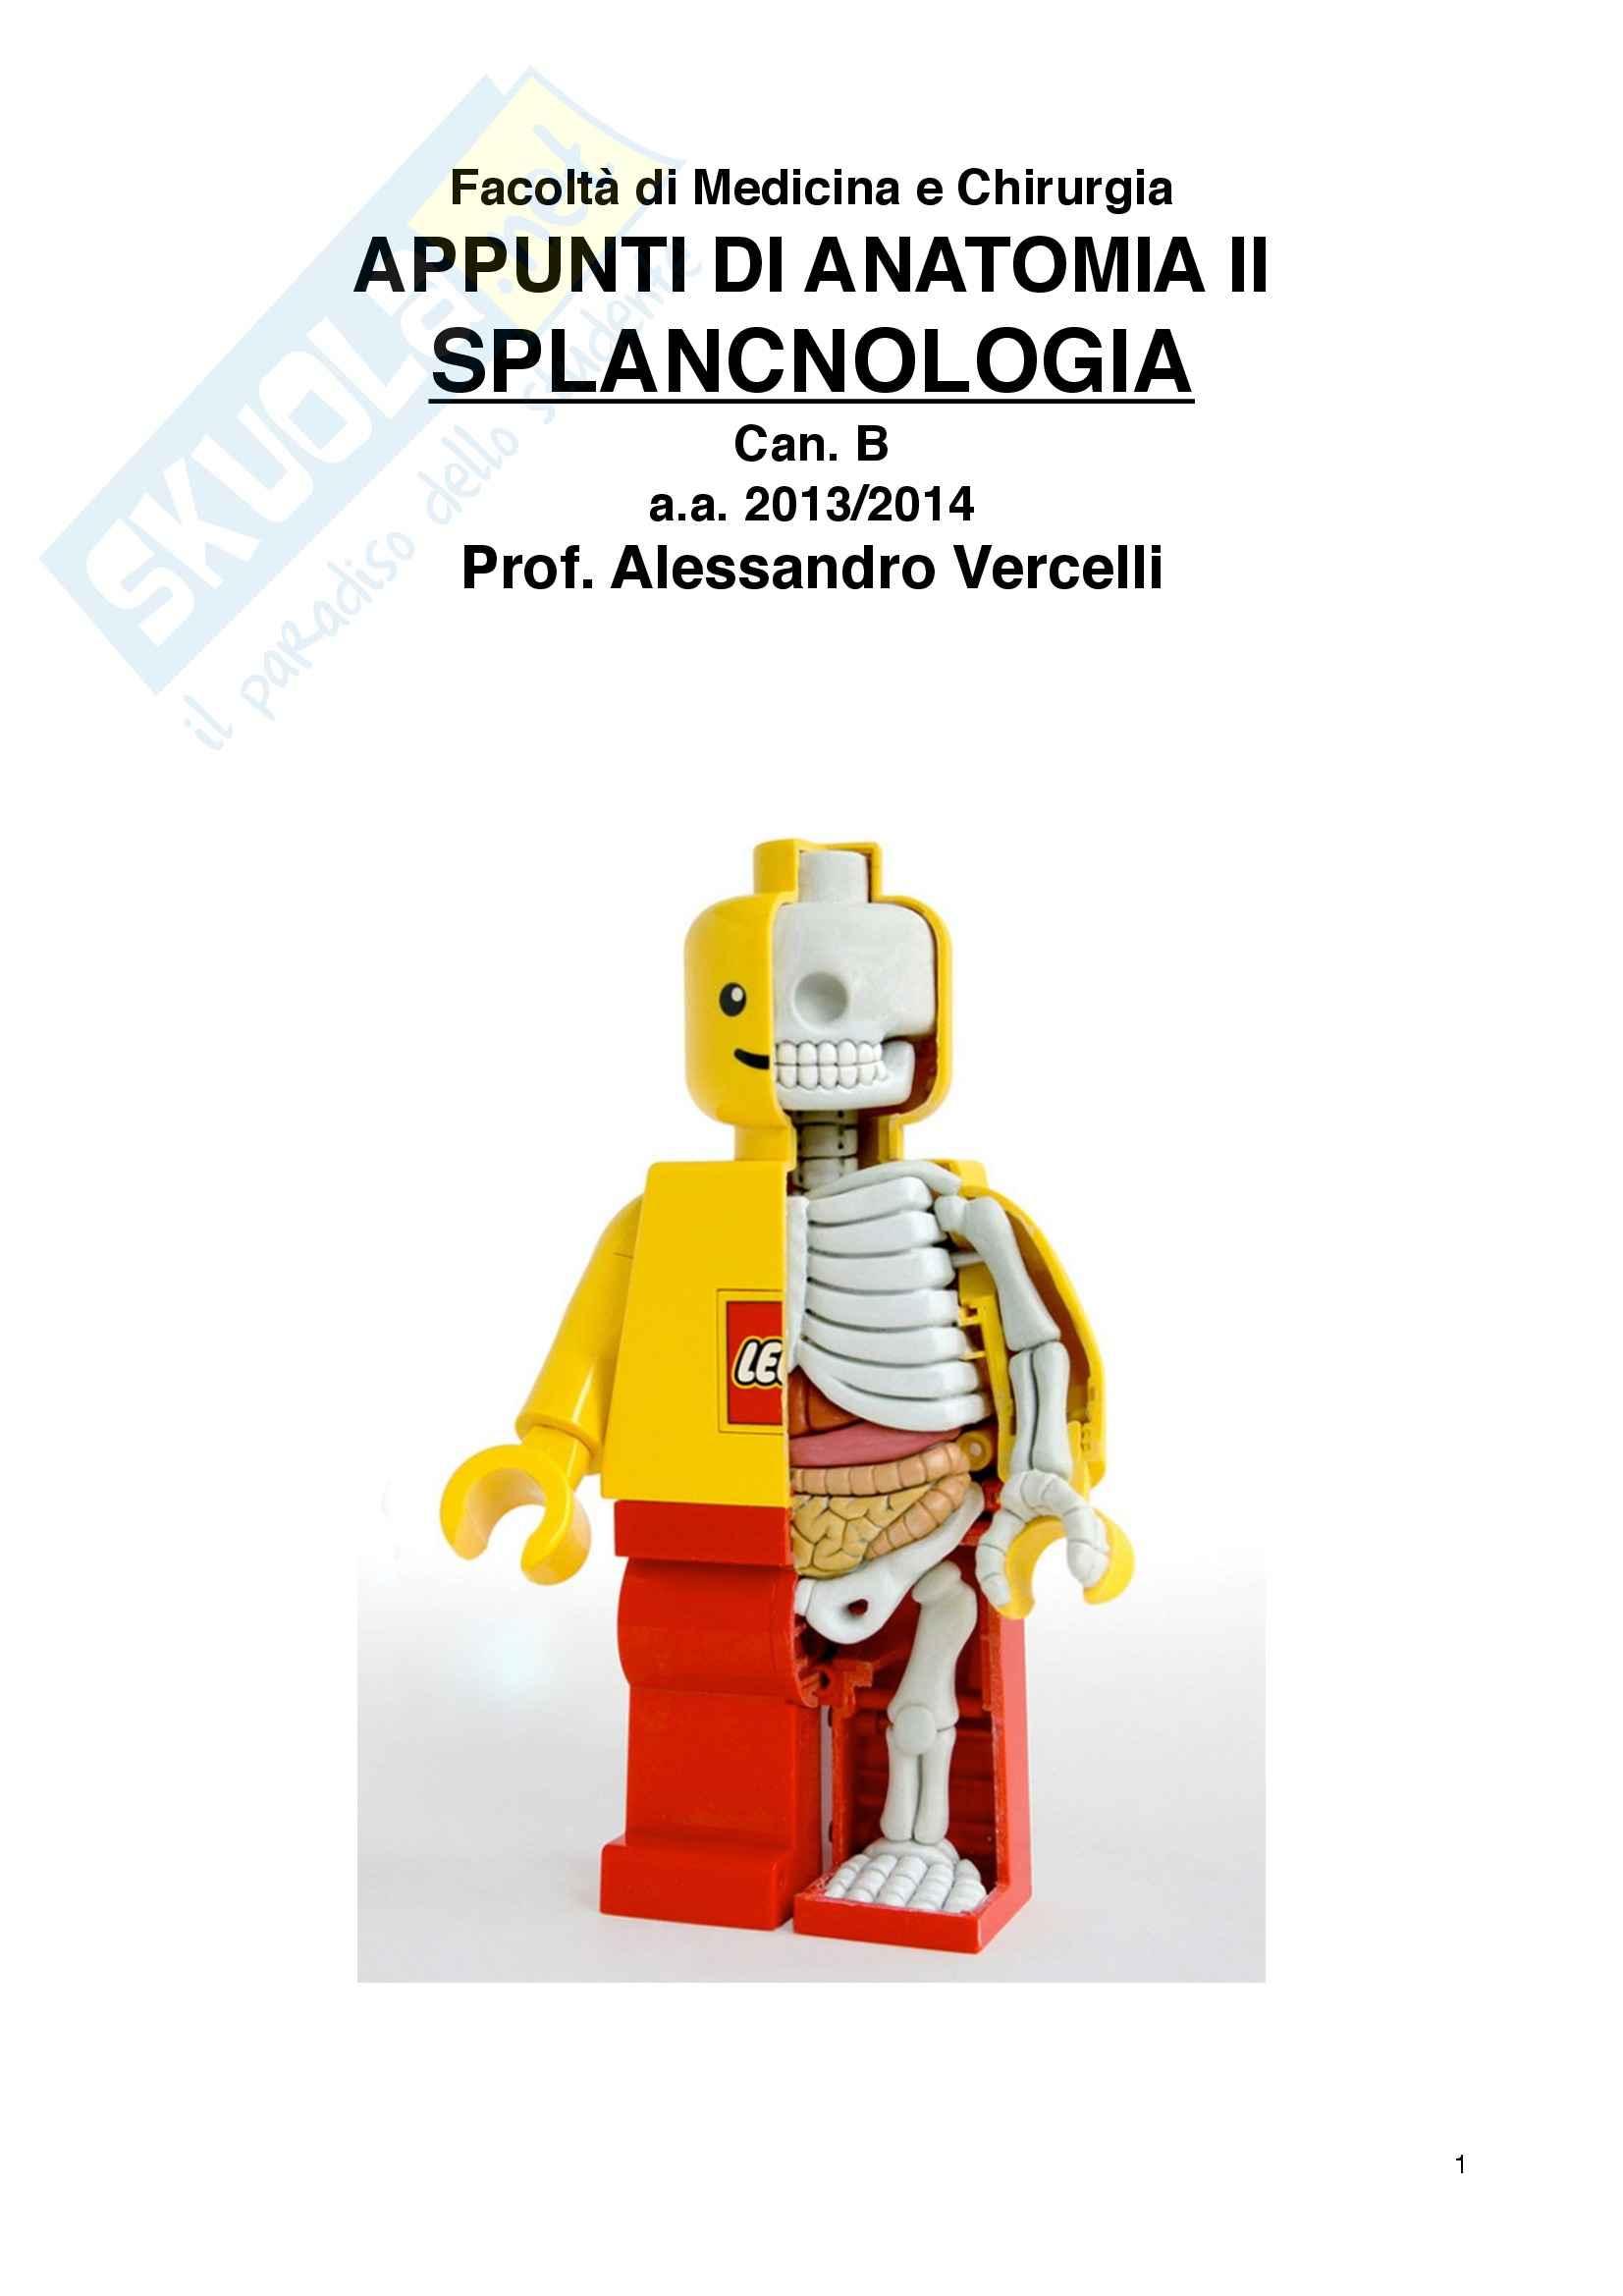 Appunti di Splancnologia - Anatomia II